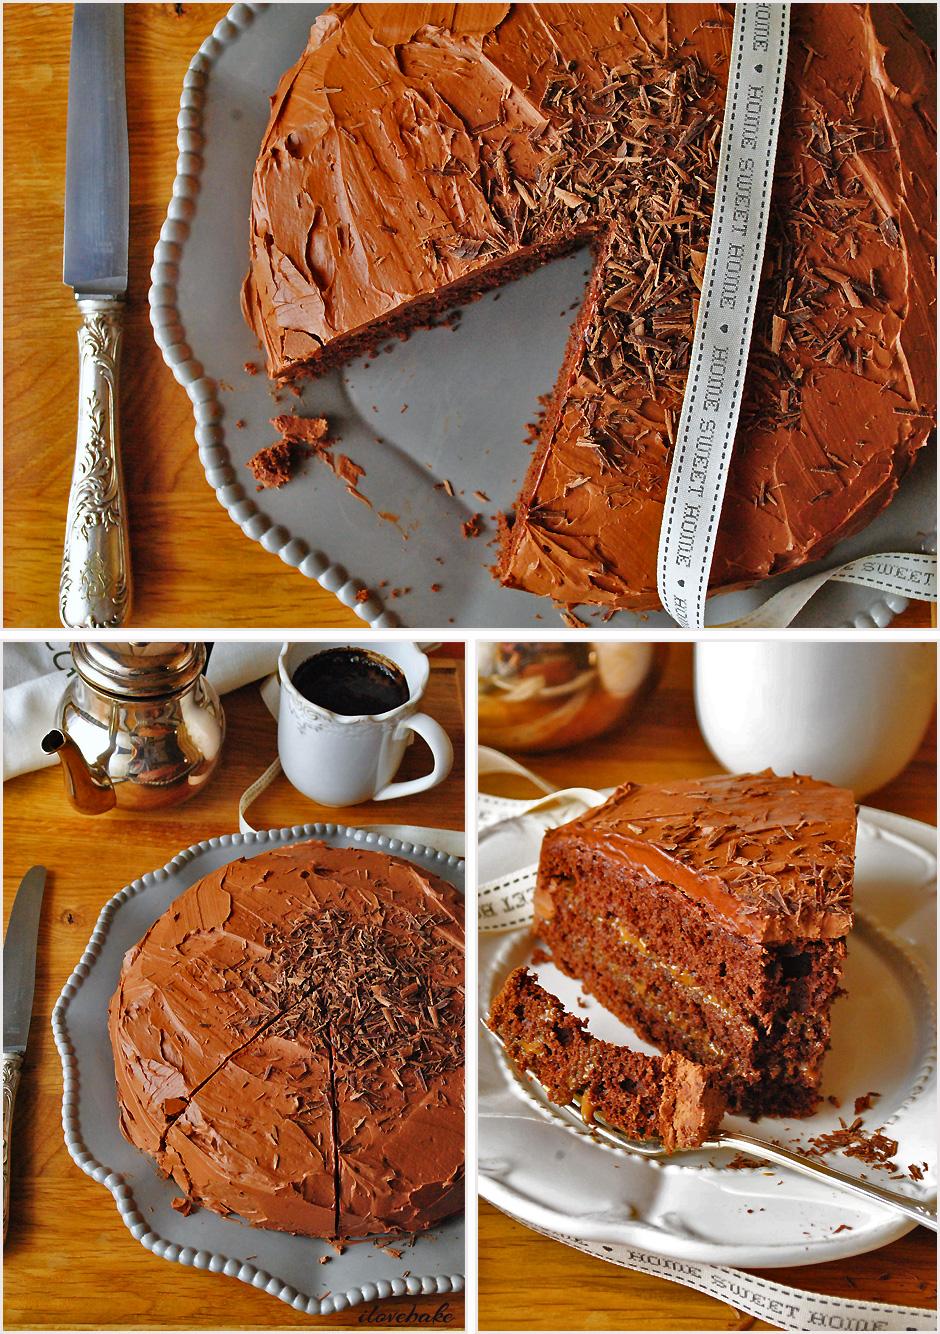 tort-czekoladowy-z-solona-masa-kajmakowa-przepis-2